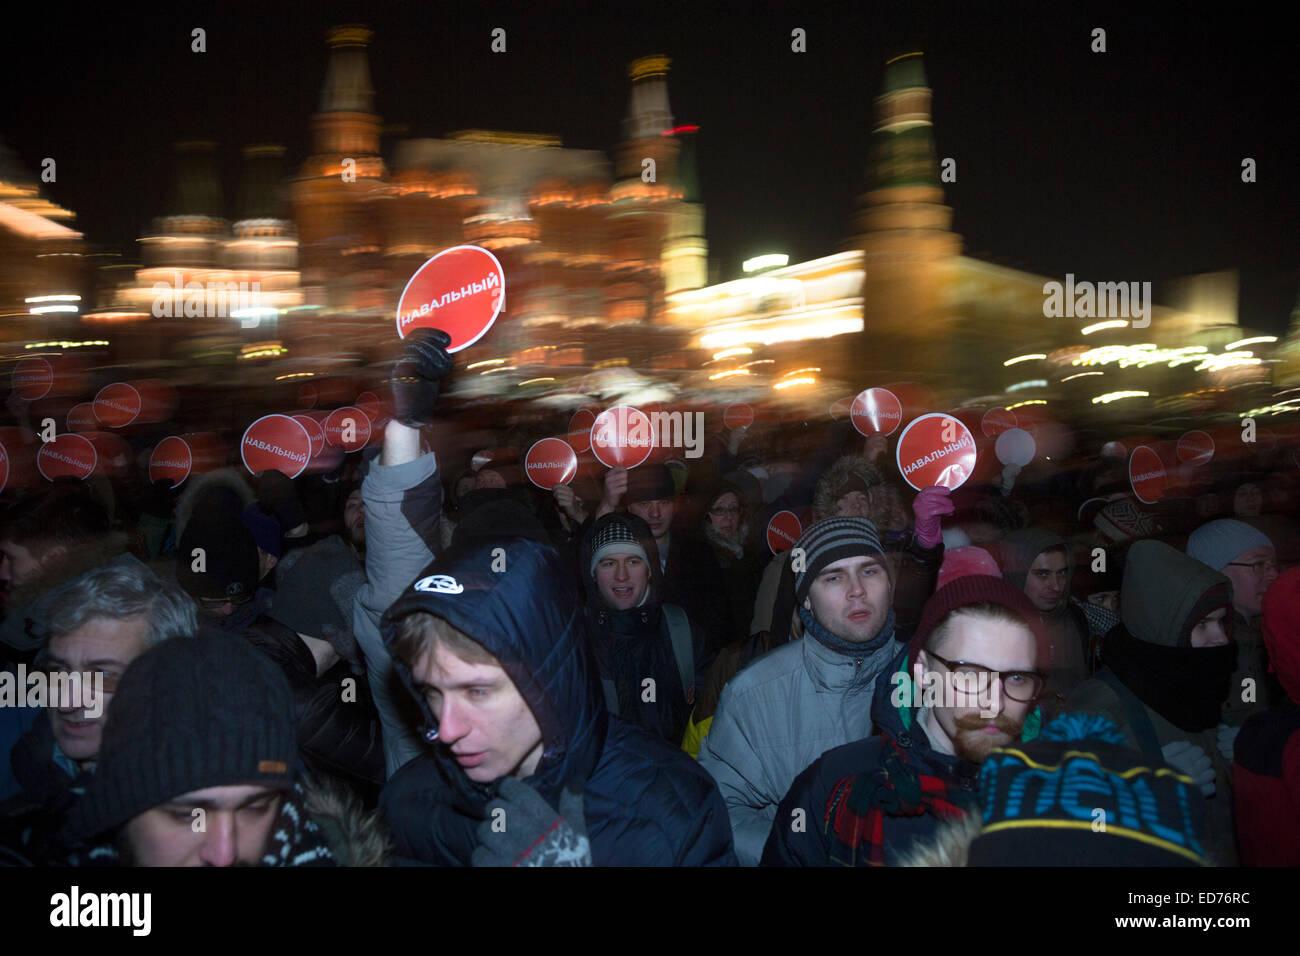 Moscou, Russie. 30 Déc., 2014. Les partisans du chef de l'opposition russe Alexei Navalny tenir un rassemblement Photo Stock